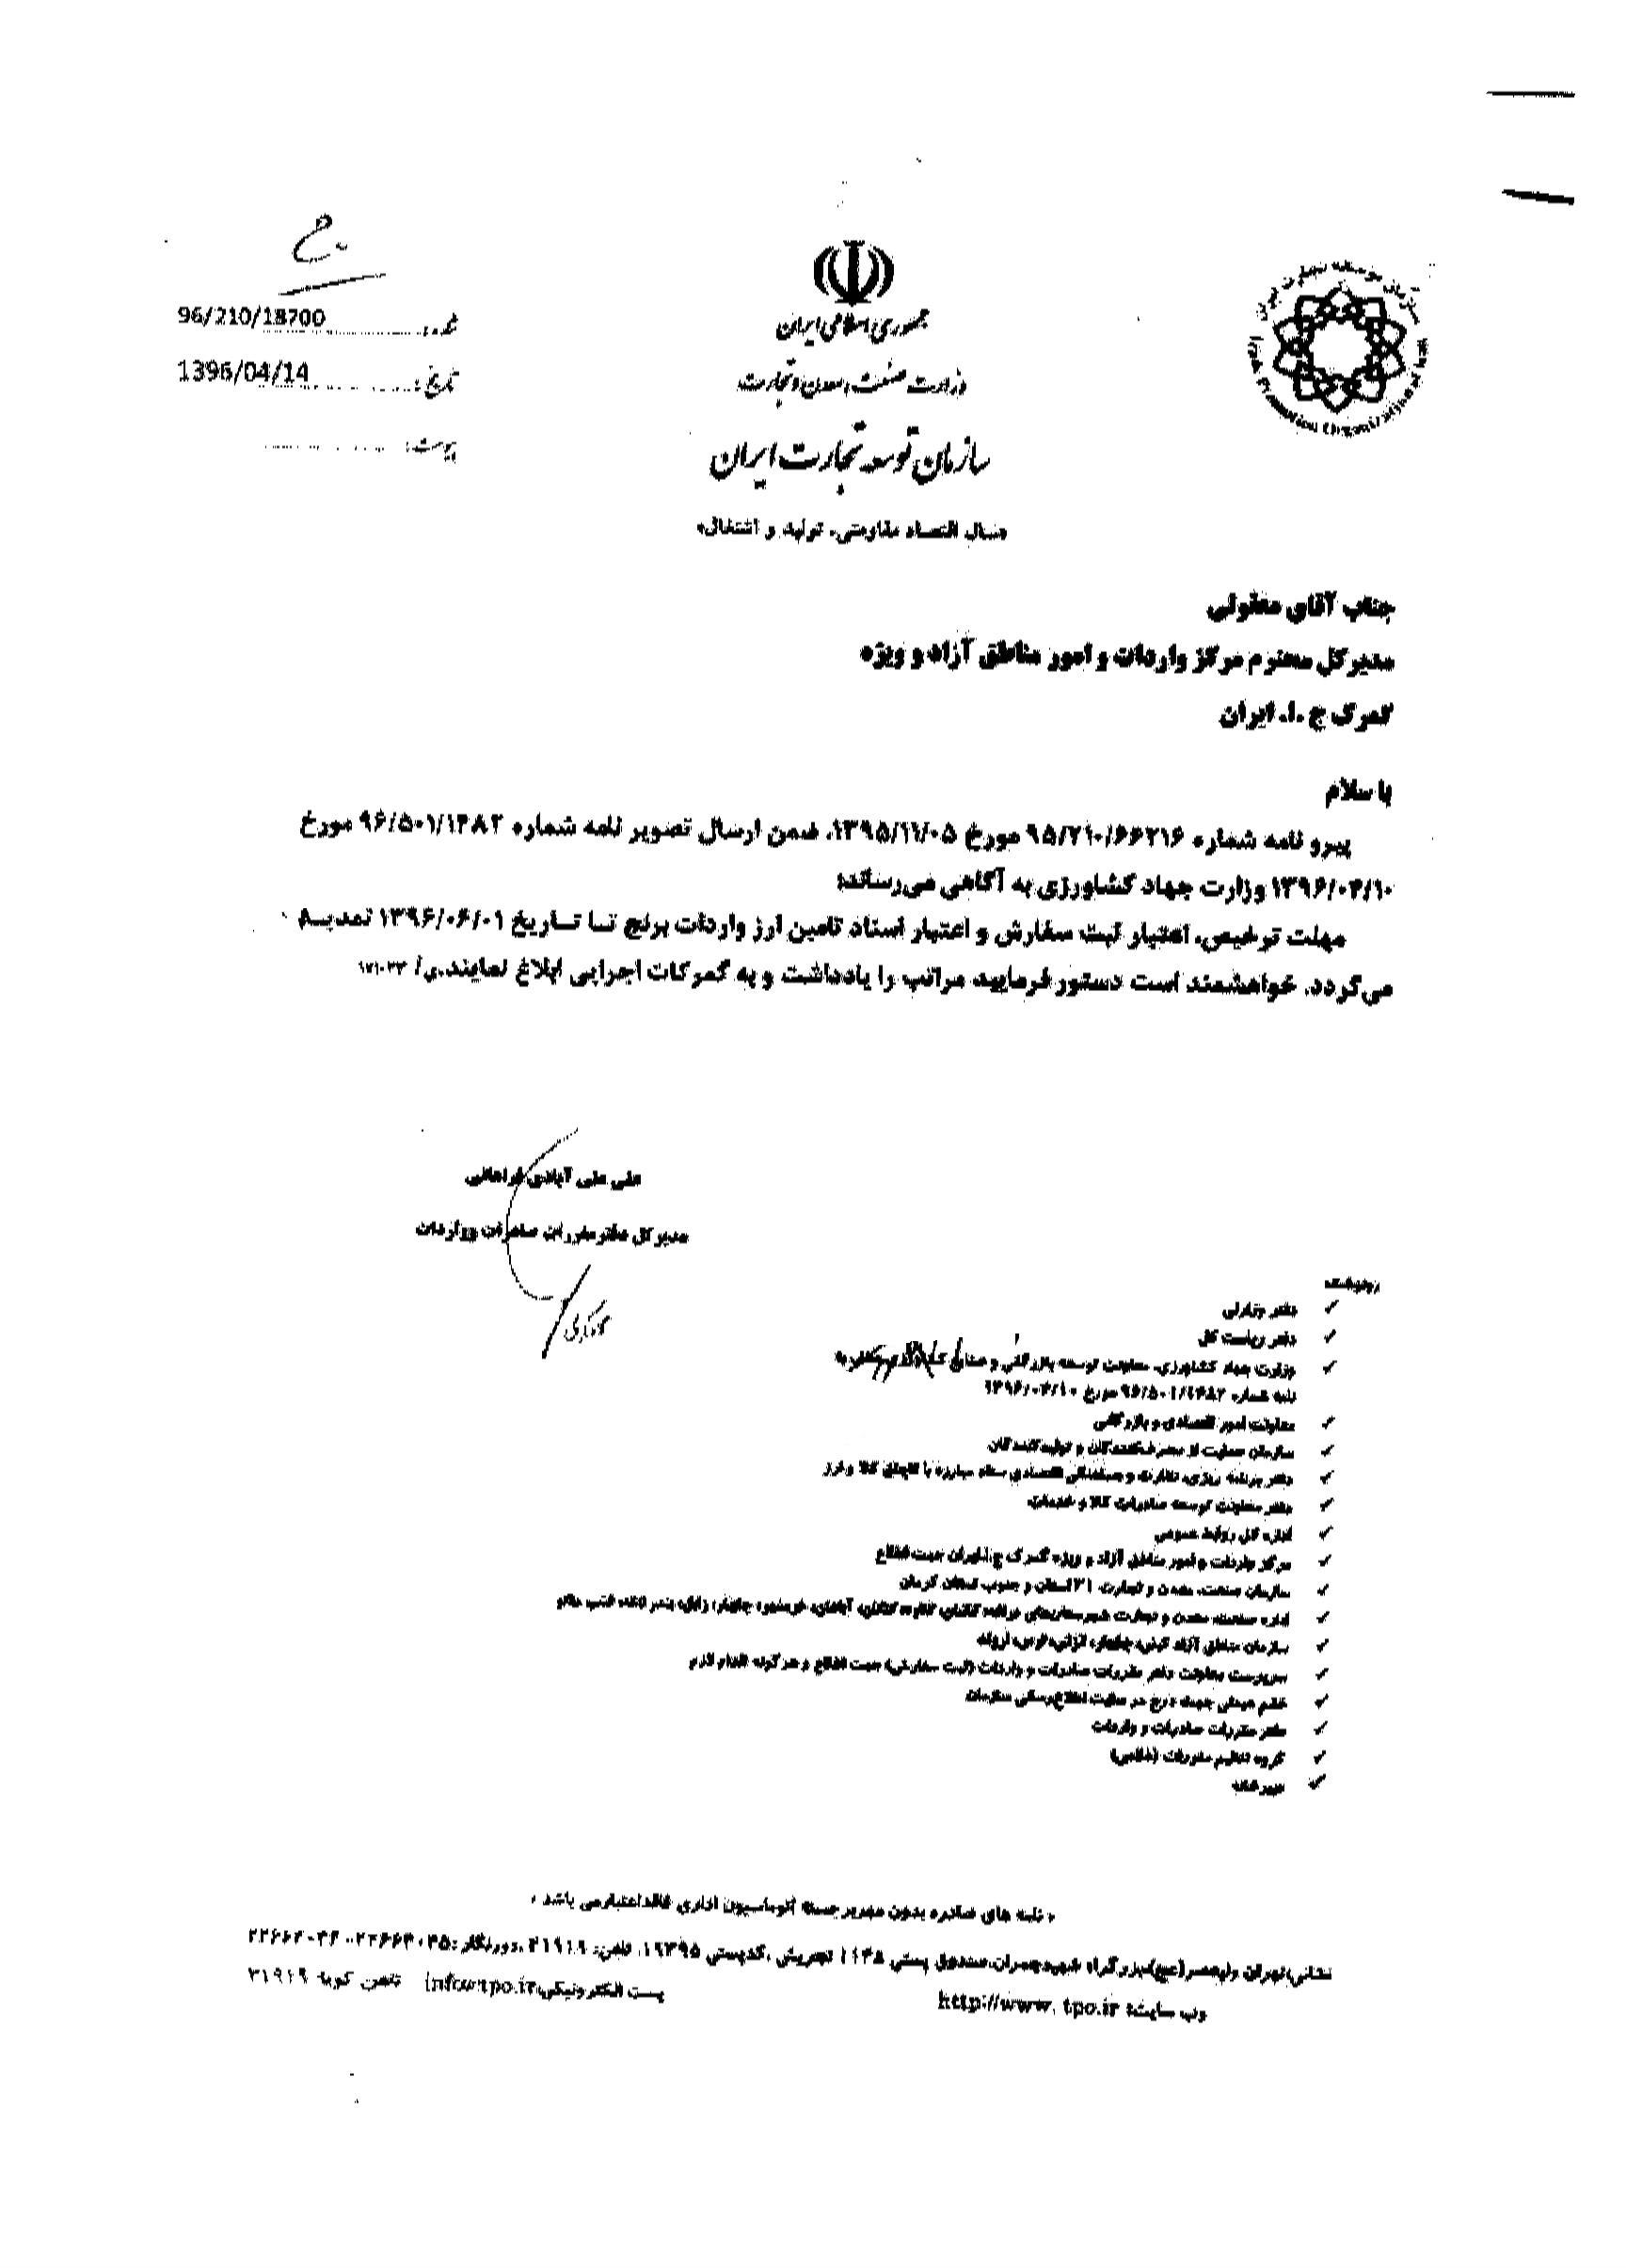 تمدید مهلت ترخیص، اعتبار ثبت سفارش و اعتبار اسناد تامین ارز واردات برنج تا تاریخ 96/06/01